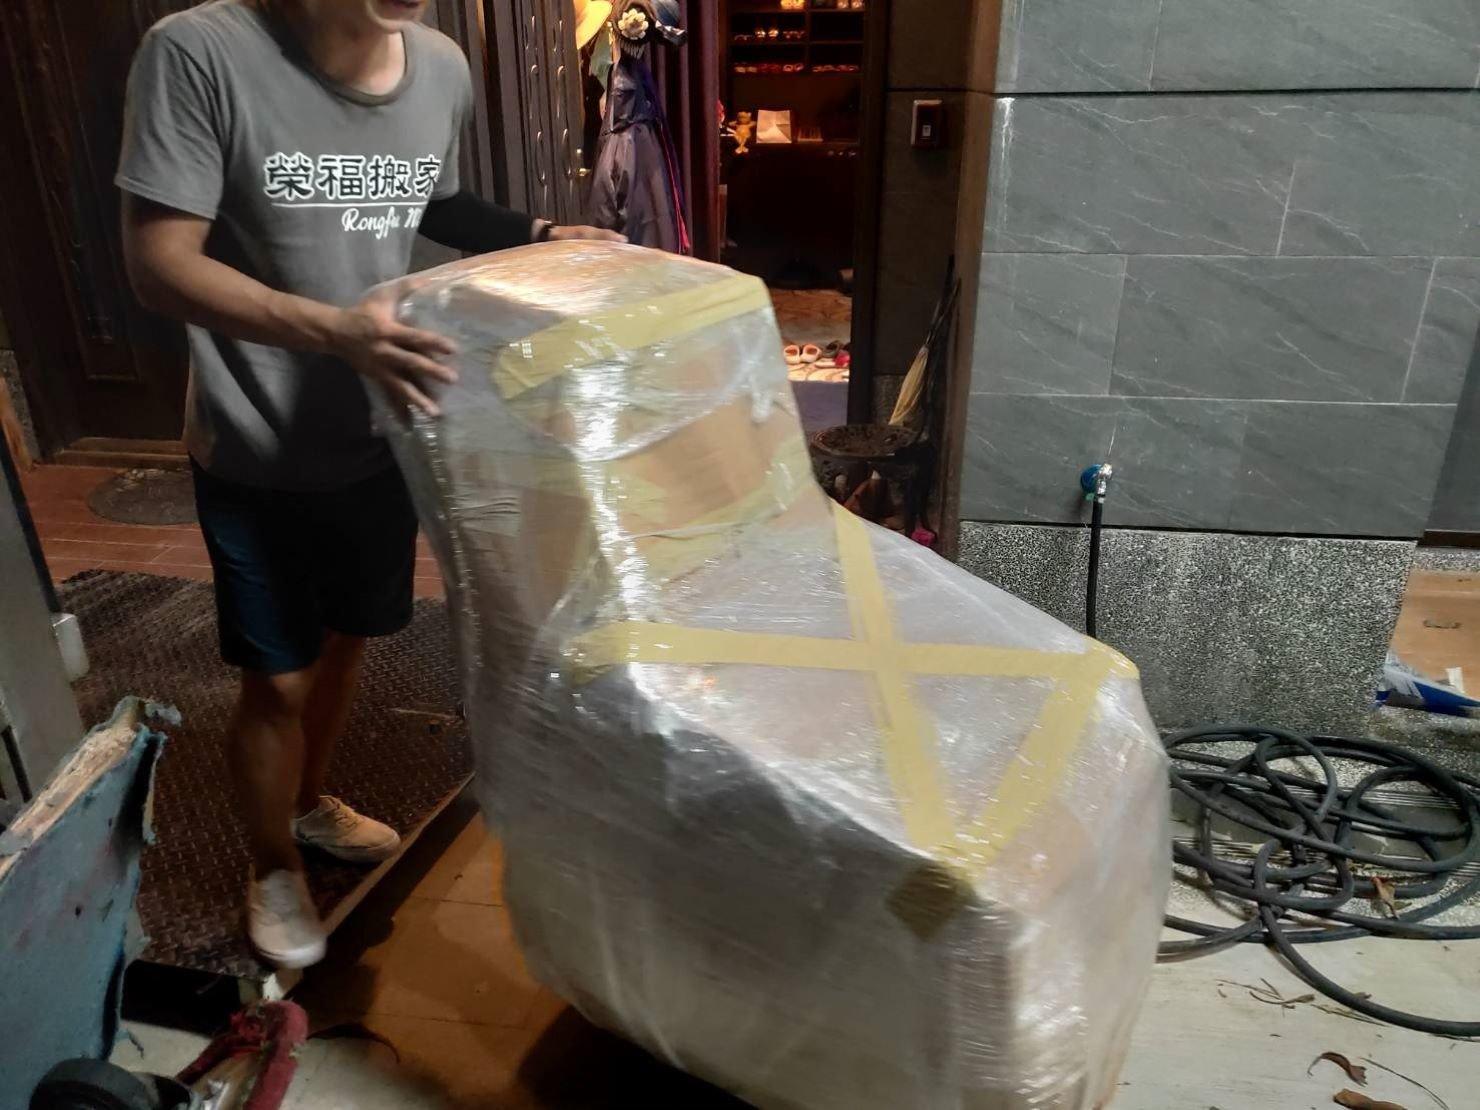 台北搬家公司推薦【榮福搬家】優質搬家,包裝搬運「細膩包裝、專業搬運、用心服務、以客為尊」值得您來選擇:按摩椅的精緻包裝服務。